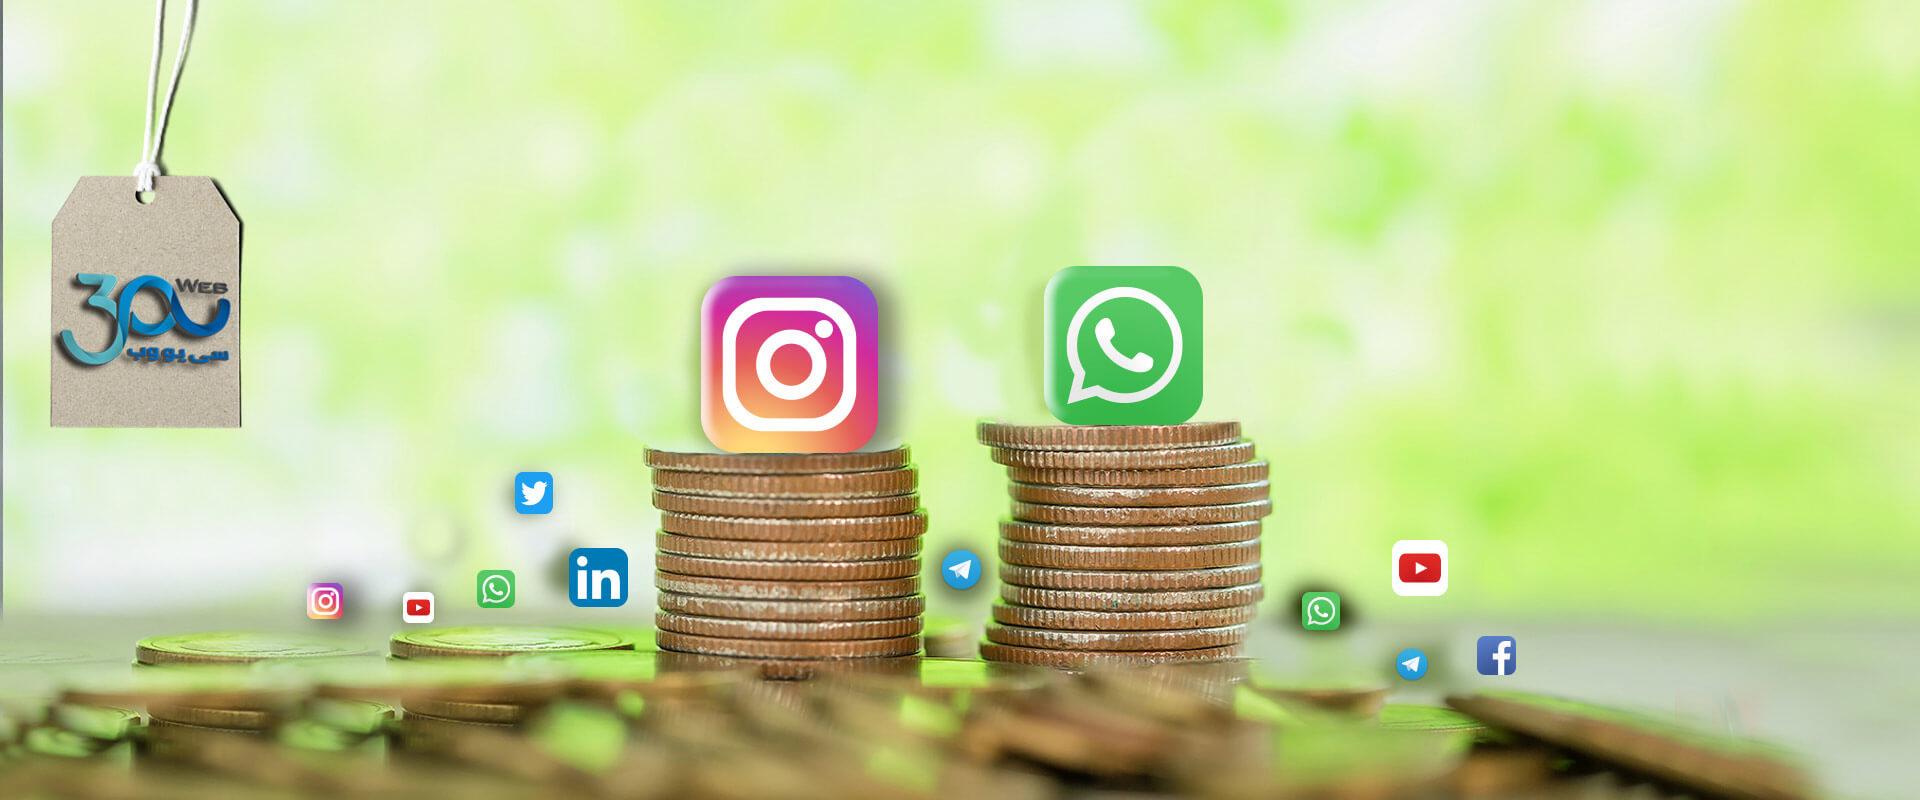 هزینه پشتیبانی سایت و شبکه های اجتماعی